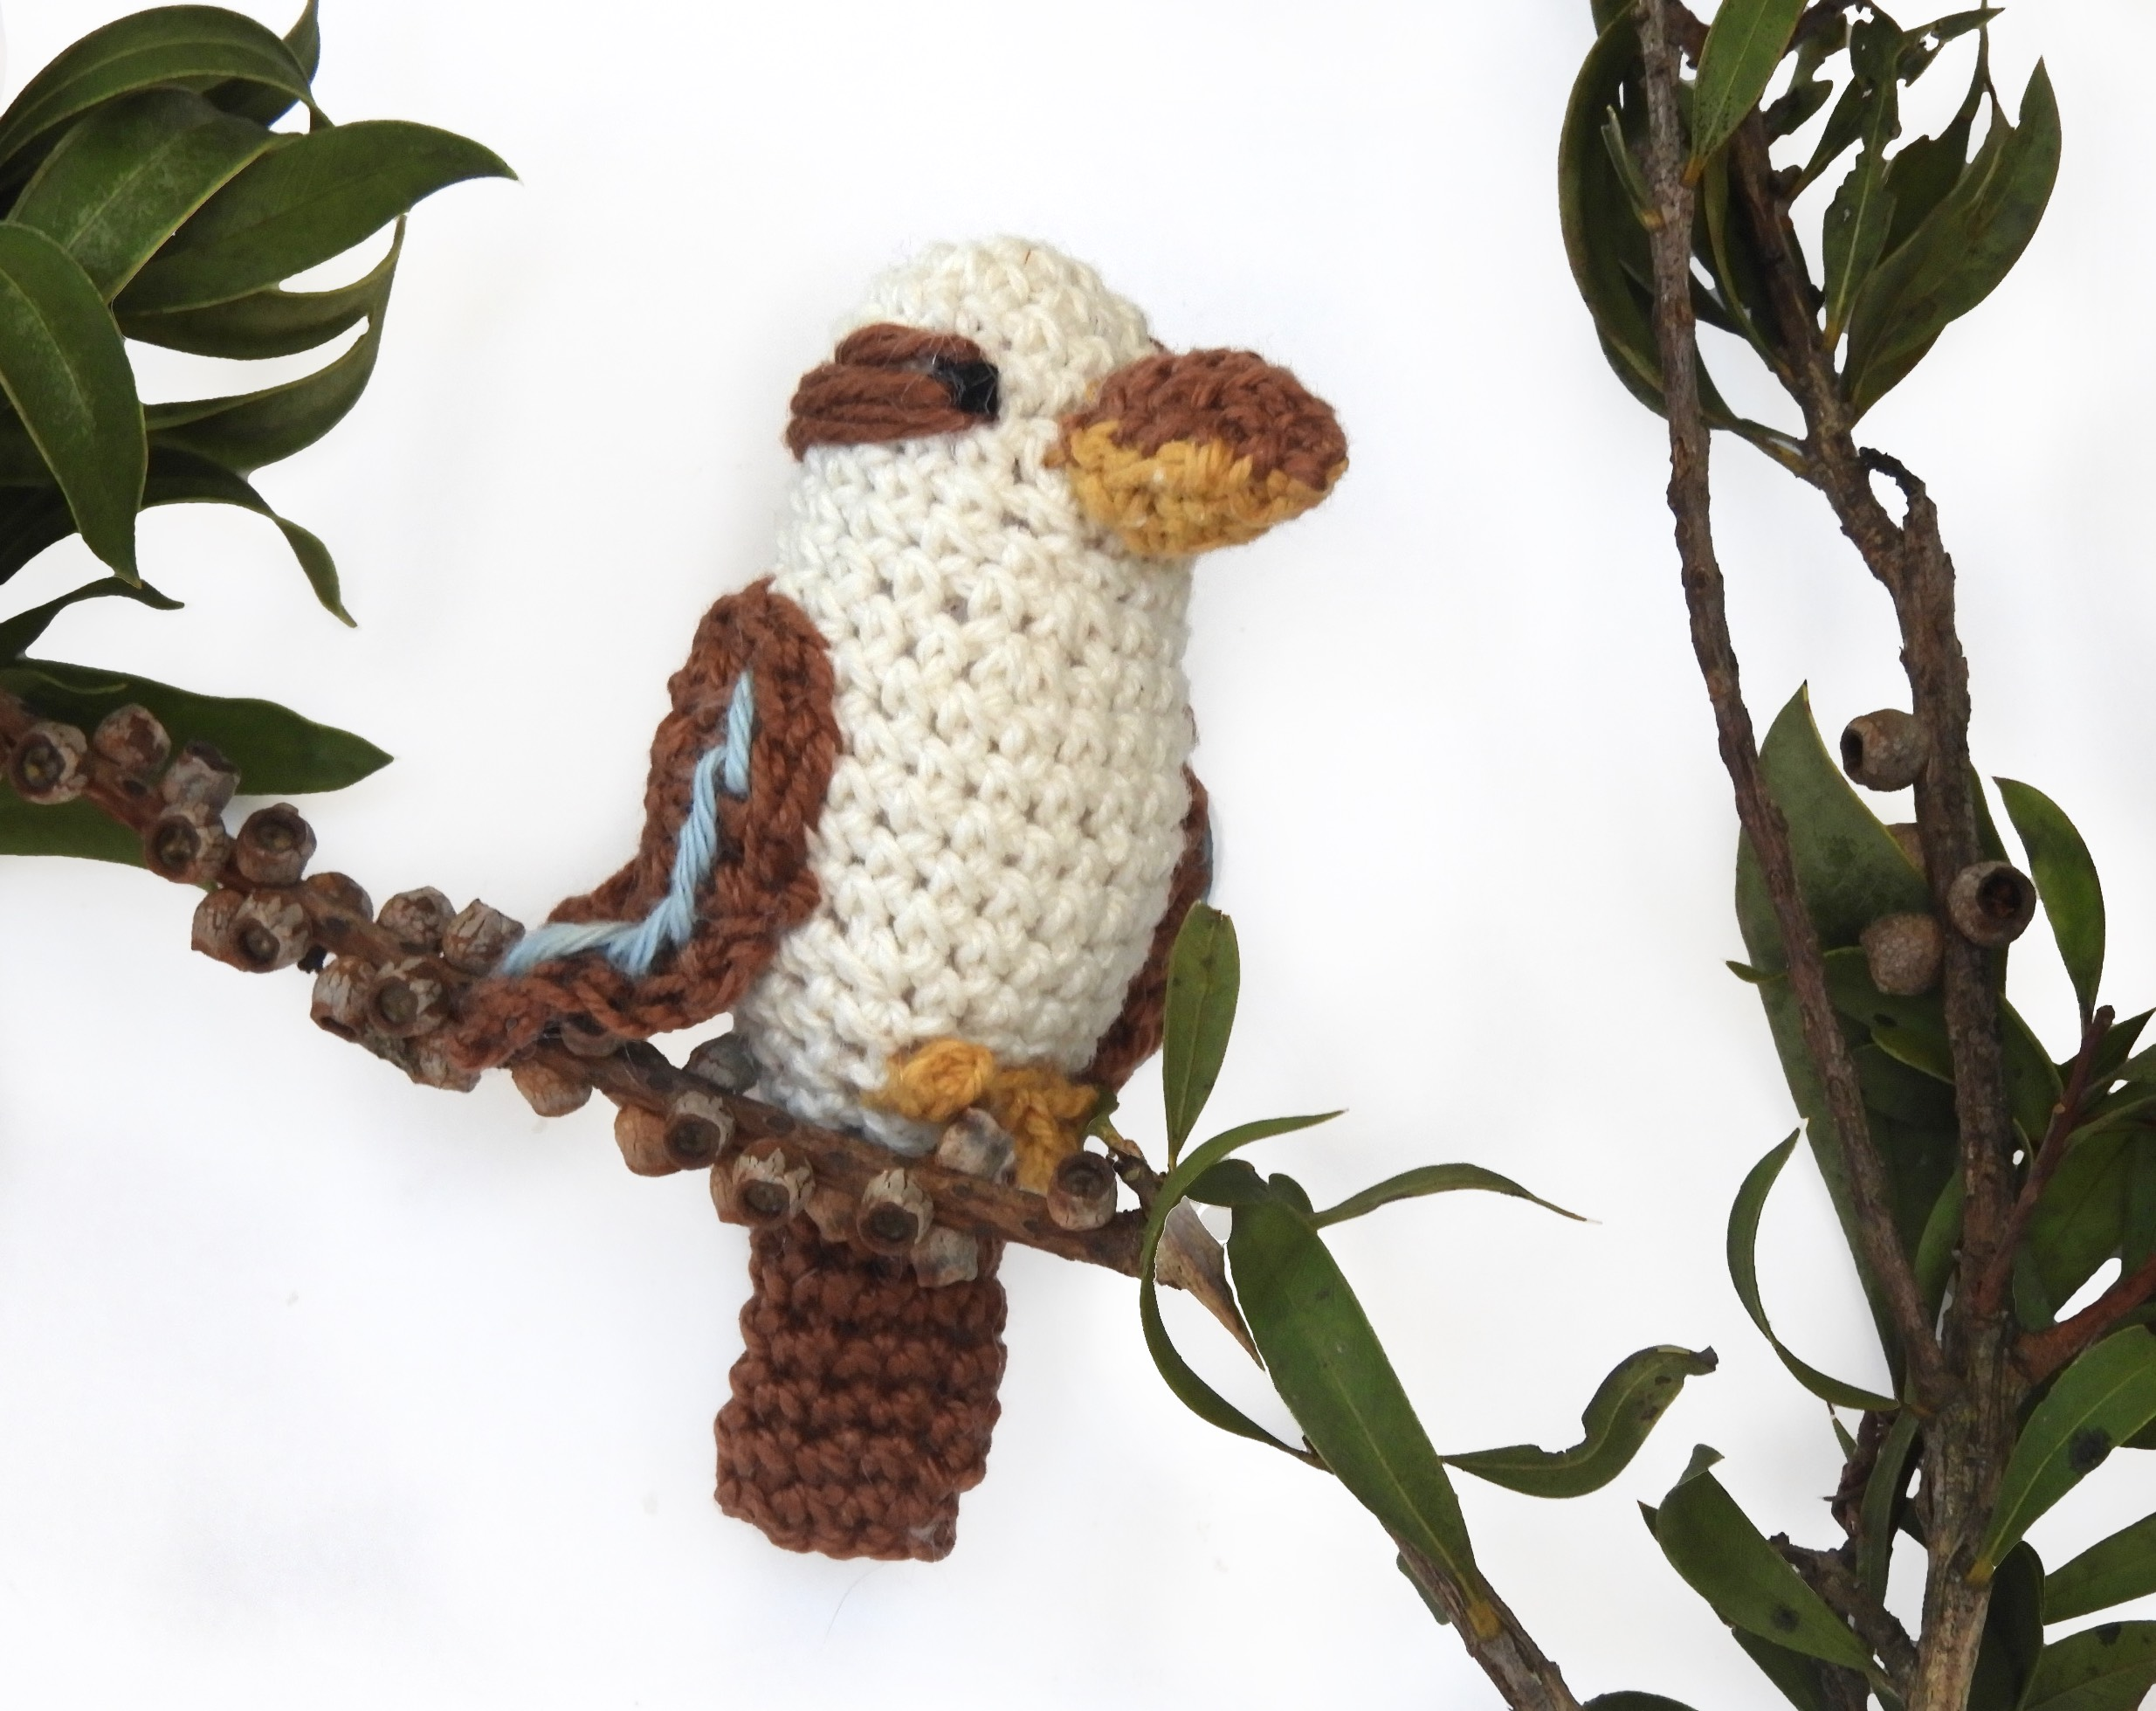 Crochet Bird Pattern | Crochet bird patterns, Crochet birds, Bird ... | 1959x2469